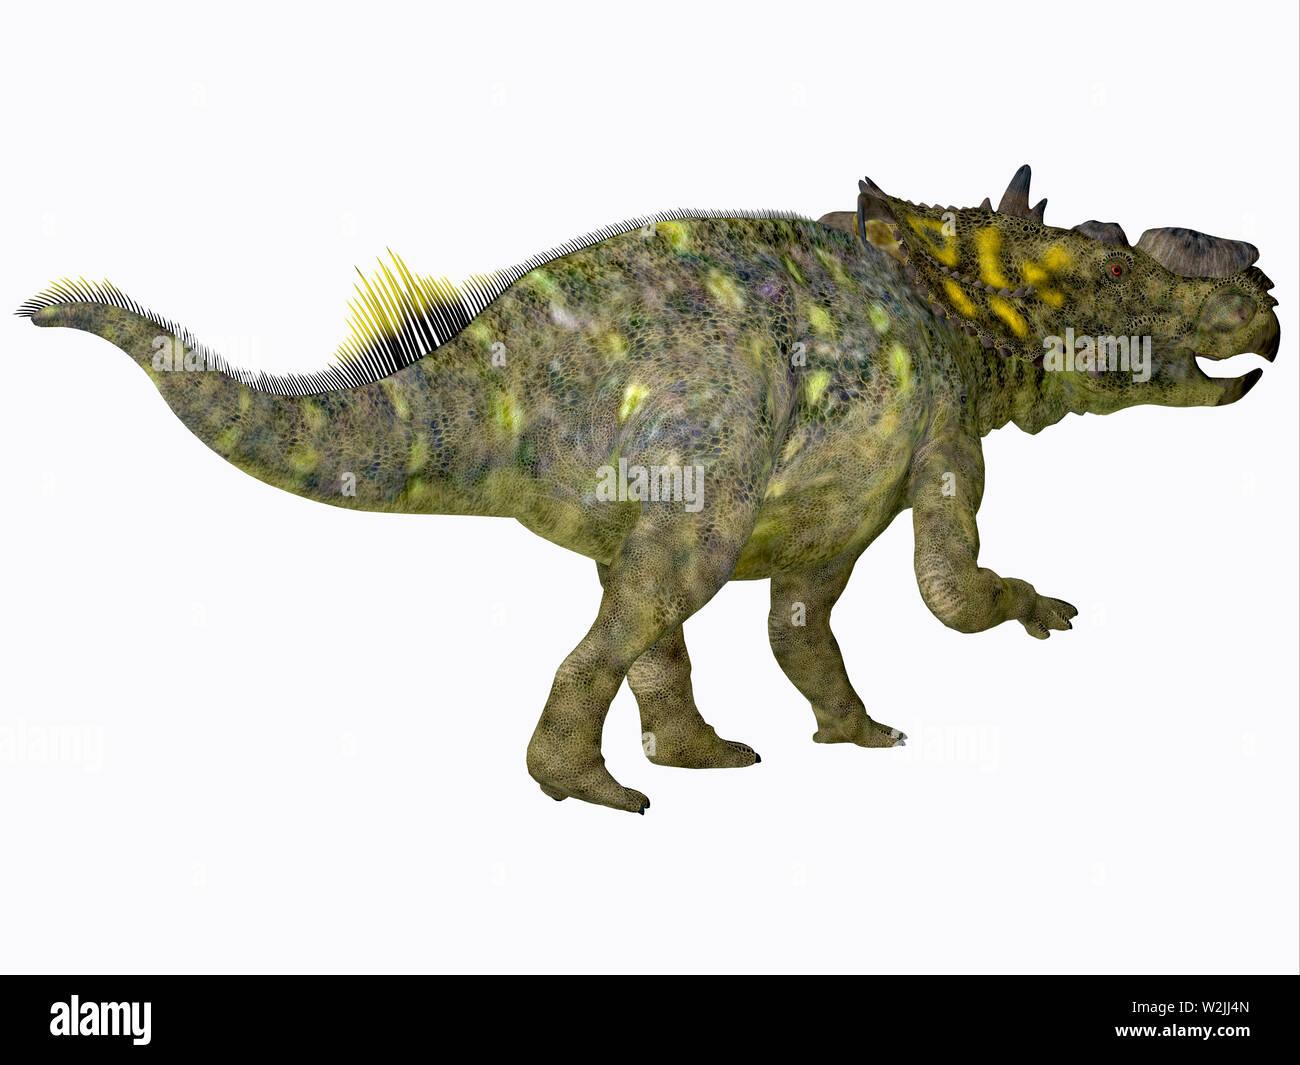 Dinosauro Pachyrhinosaurus - Pachyrhinosaurus era un Ceratopsian fatturati erbivori dinosauro che viveva in Alberta, Canada durante il Cretacico. Foto Stock